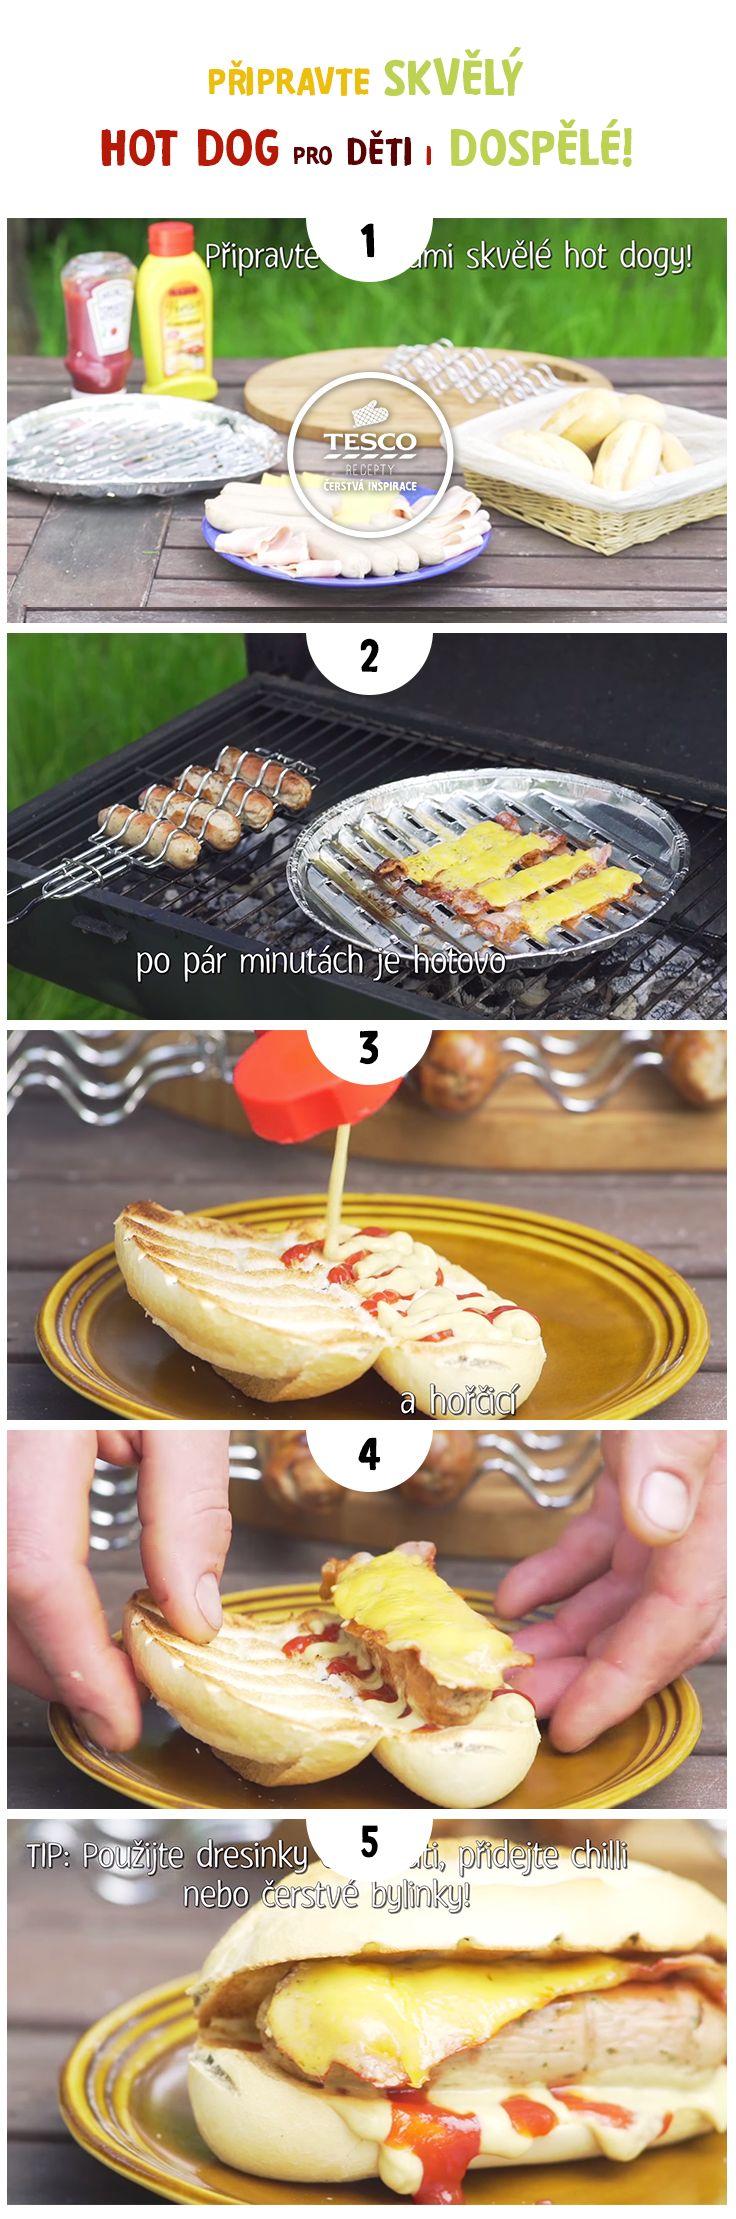 Připravte skvělý hot dog pro děti i dospělé!